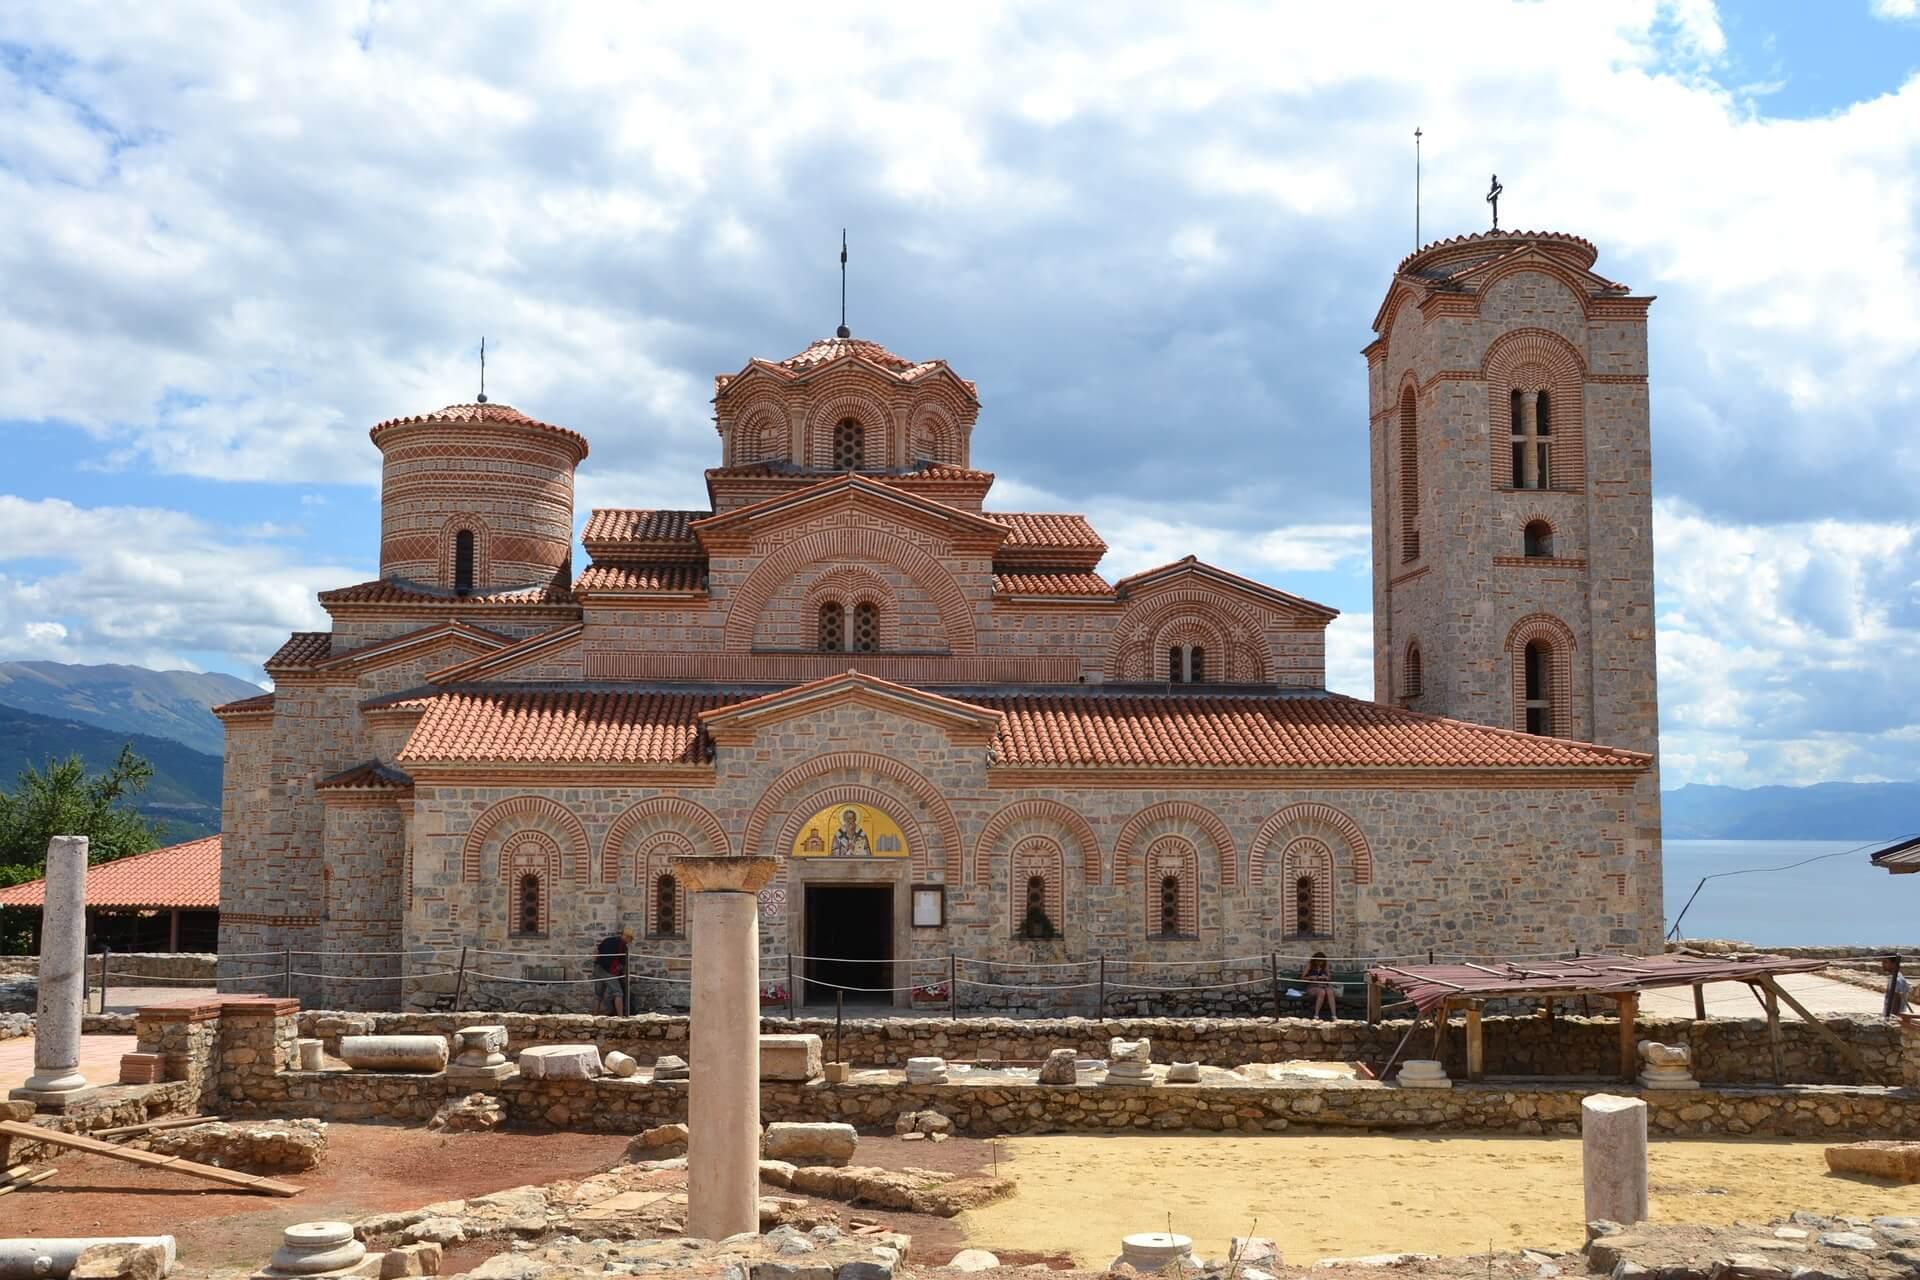 Direktflüge und Billigflüge nach Ohrid